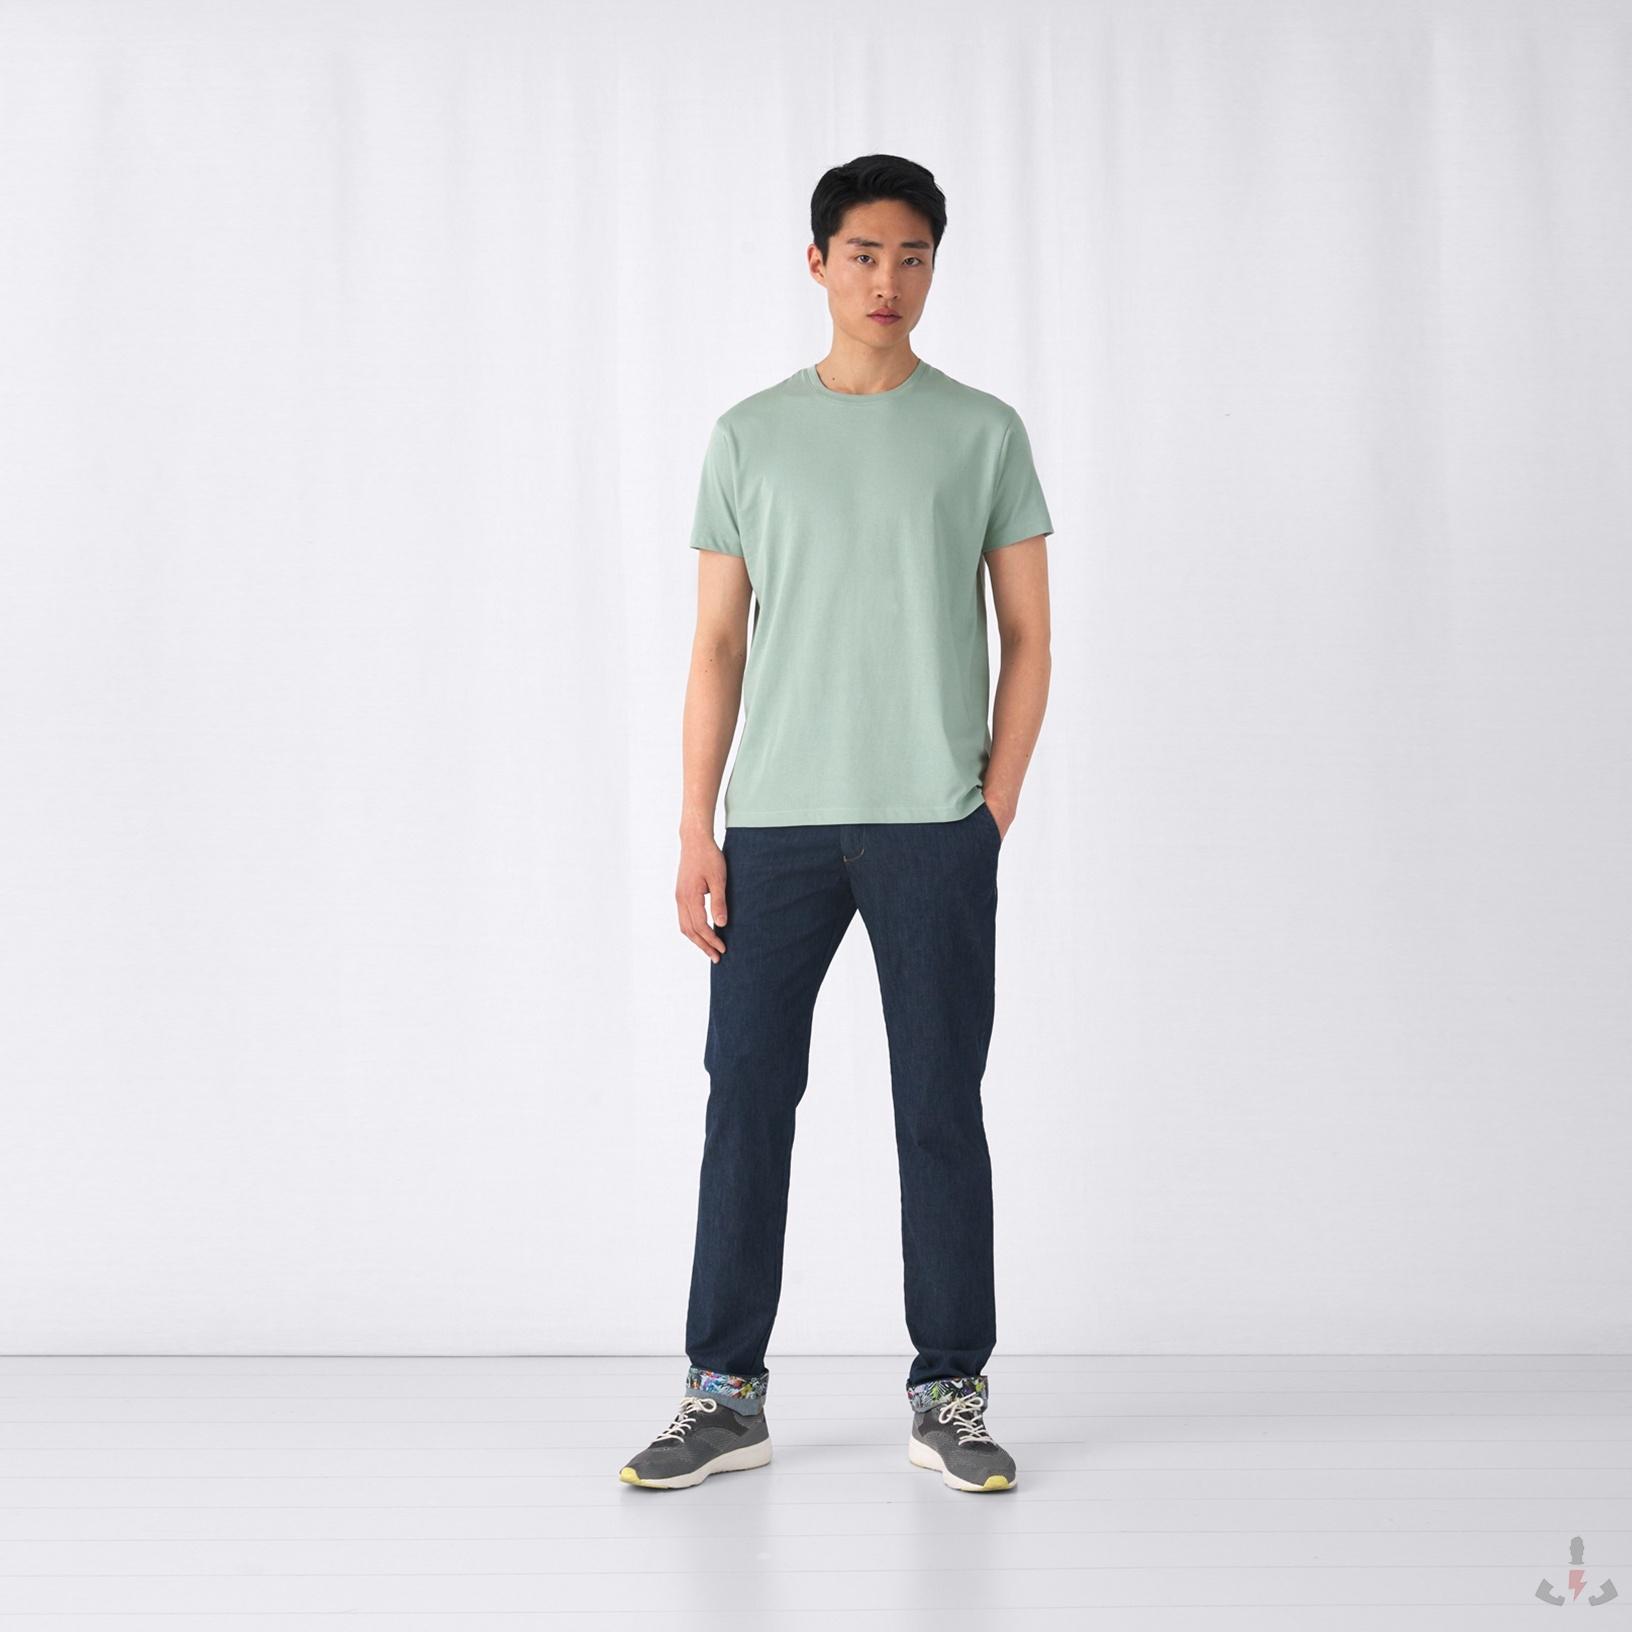 Fotos de Camisetas BC Organic E150